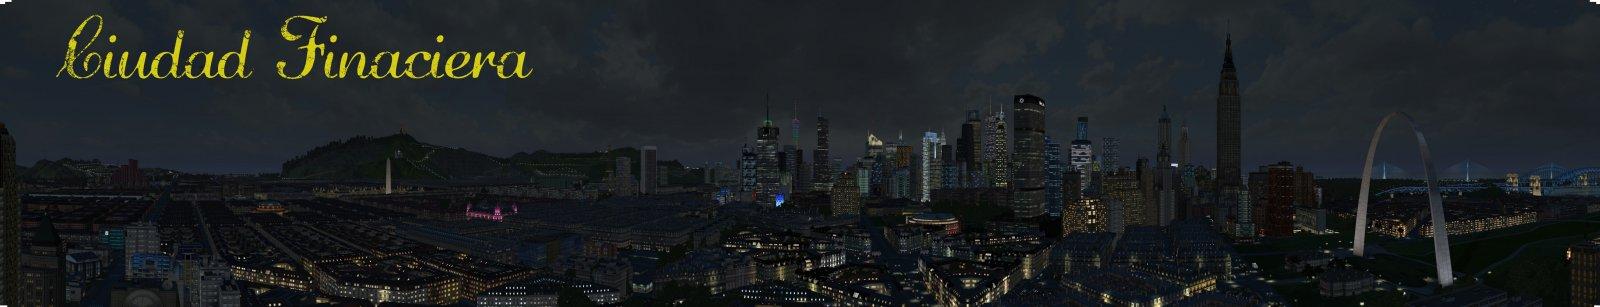 ciudad futura.jpg